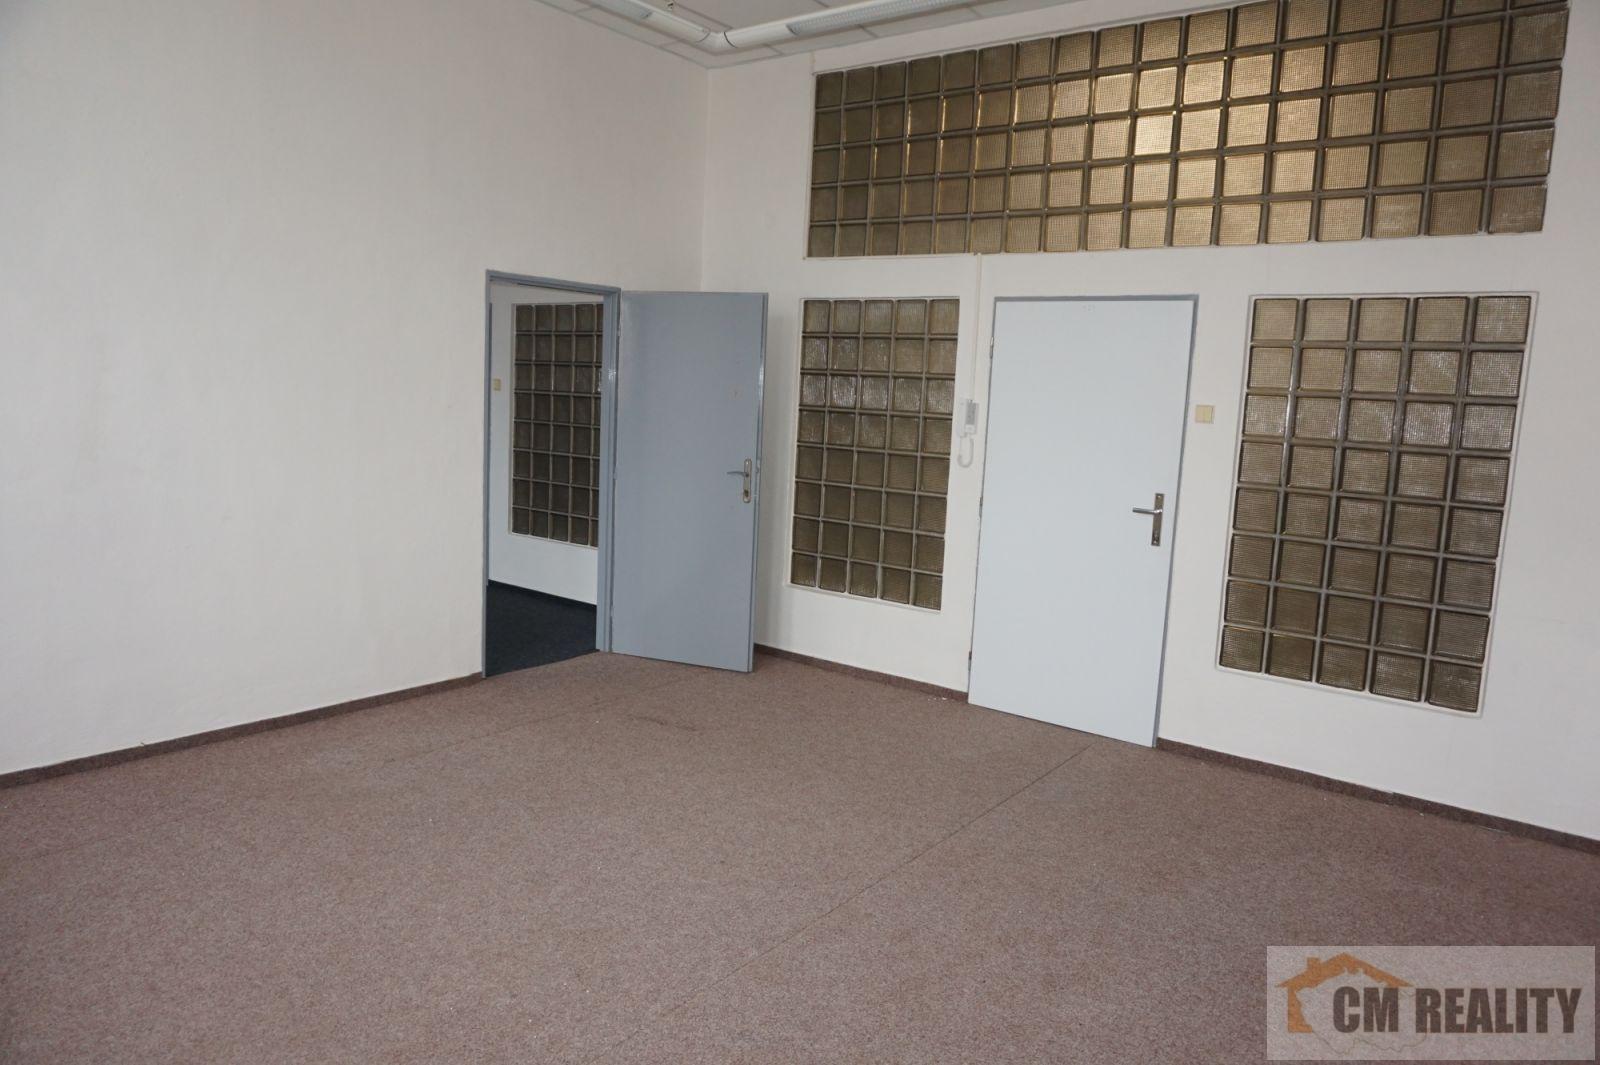 Prostějov, Žeranovská ul. - kancelářské prostory 30 m2 - pronájem 3.000,- Kč/měs+en